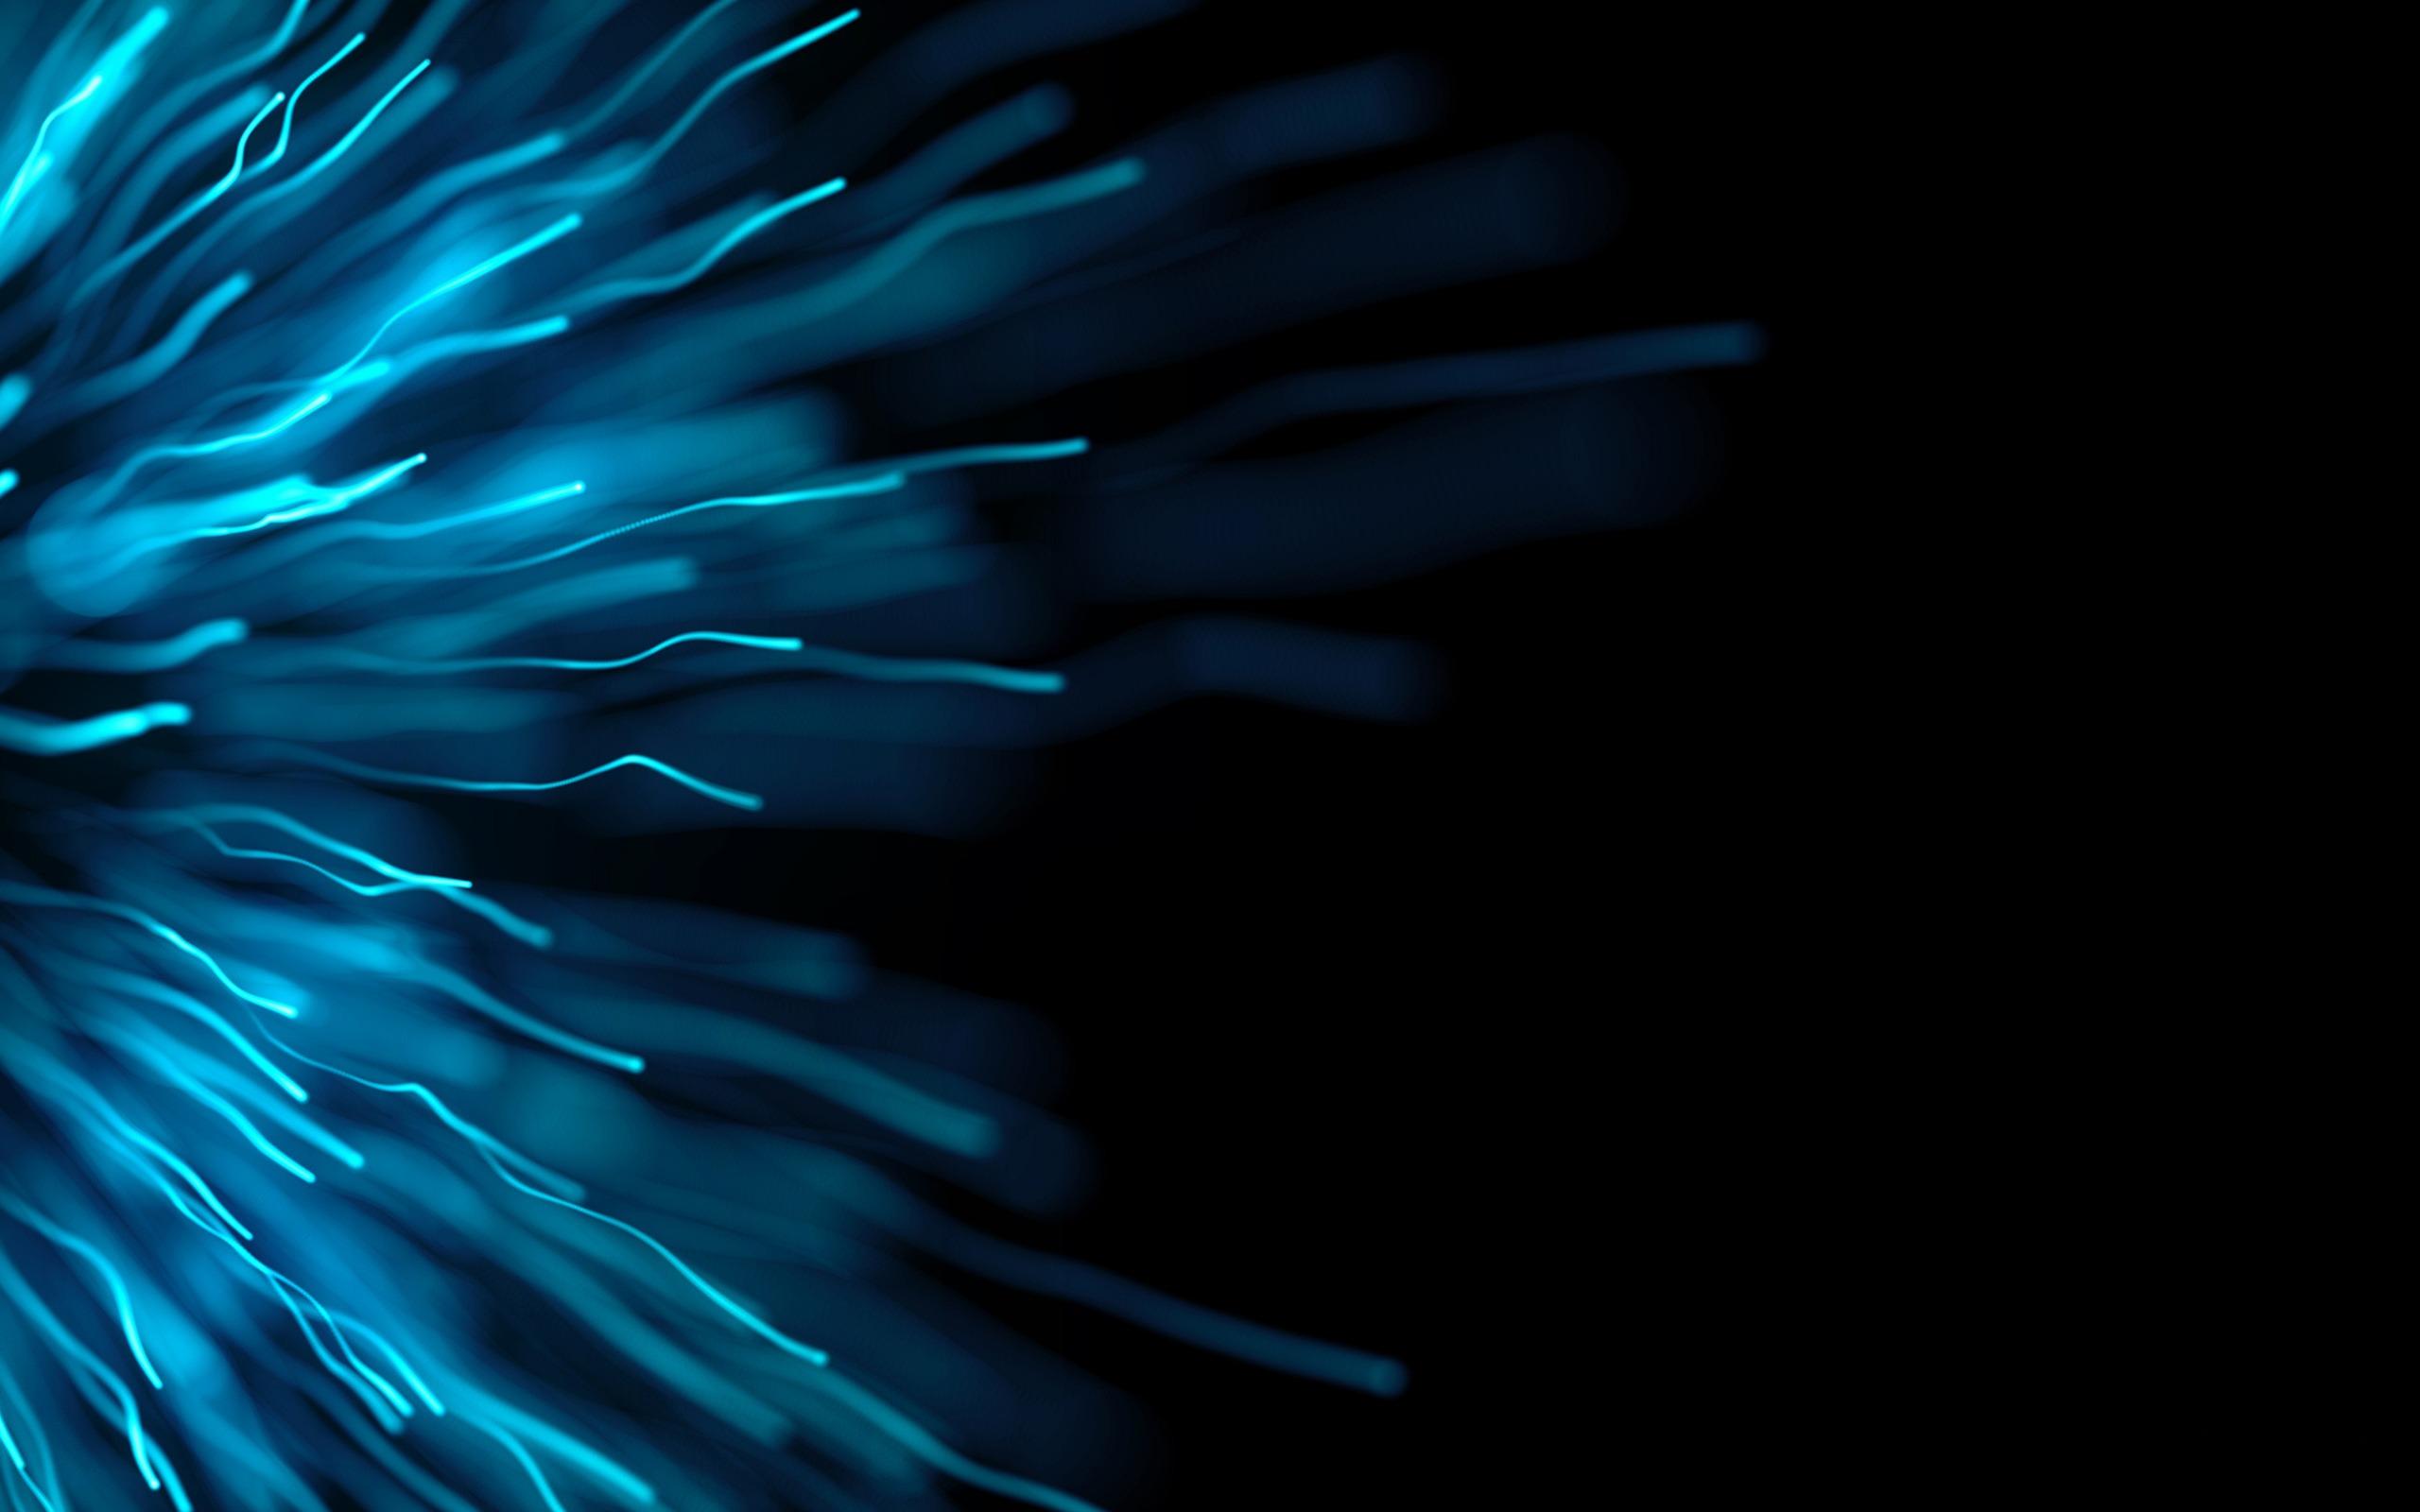 青ダーク抽象粒子 デザインのhd壁紙プレビュー 10wallpaper Com